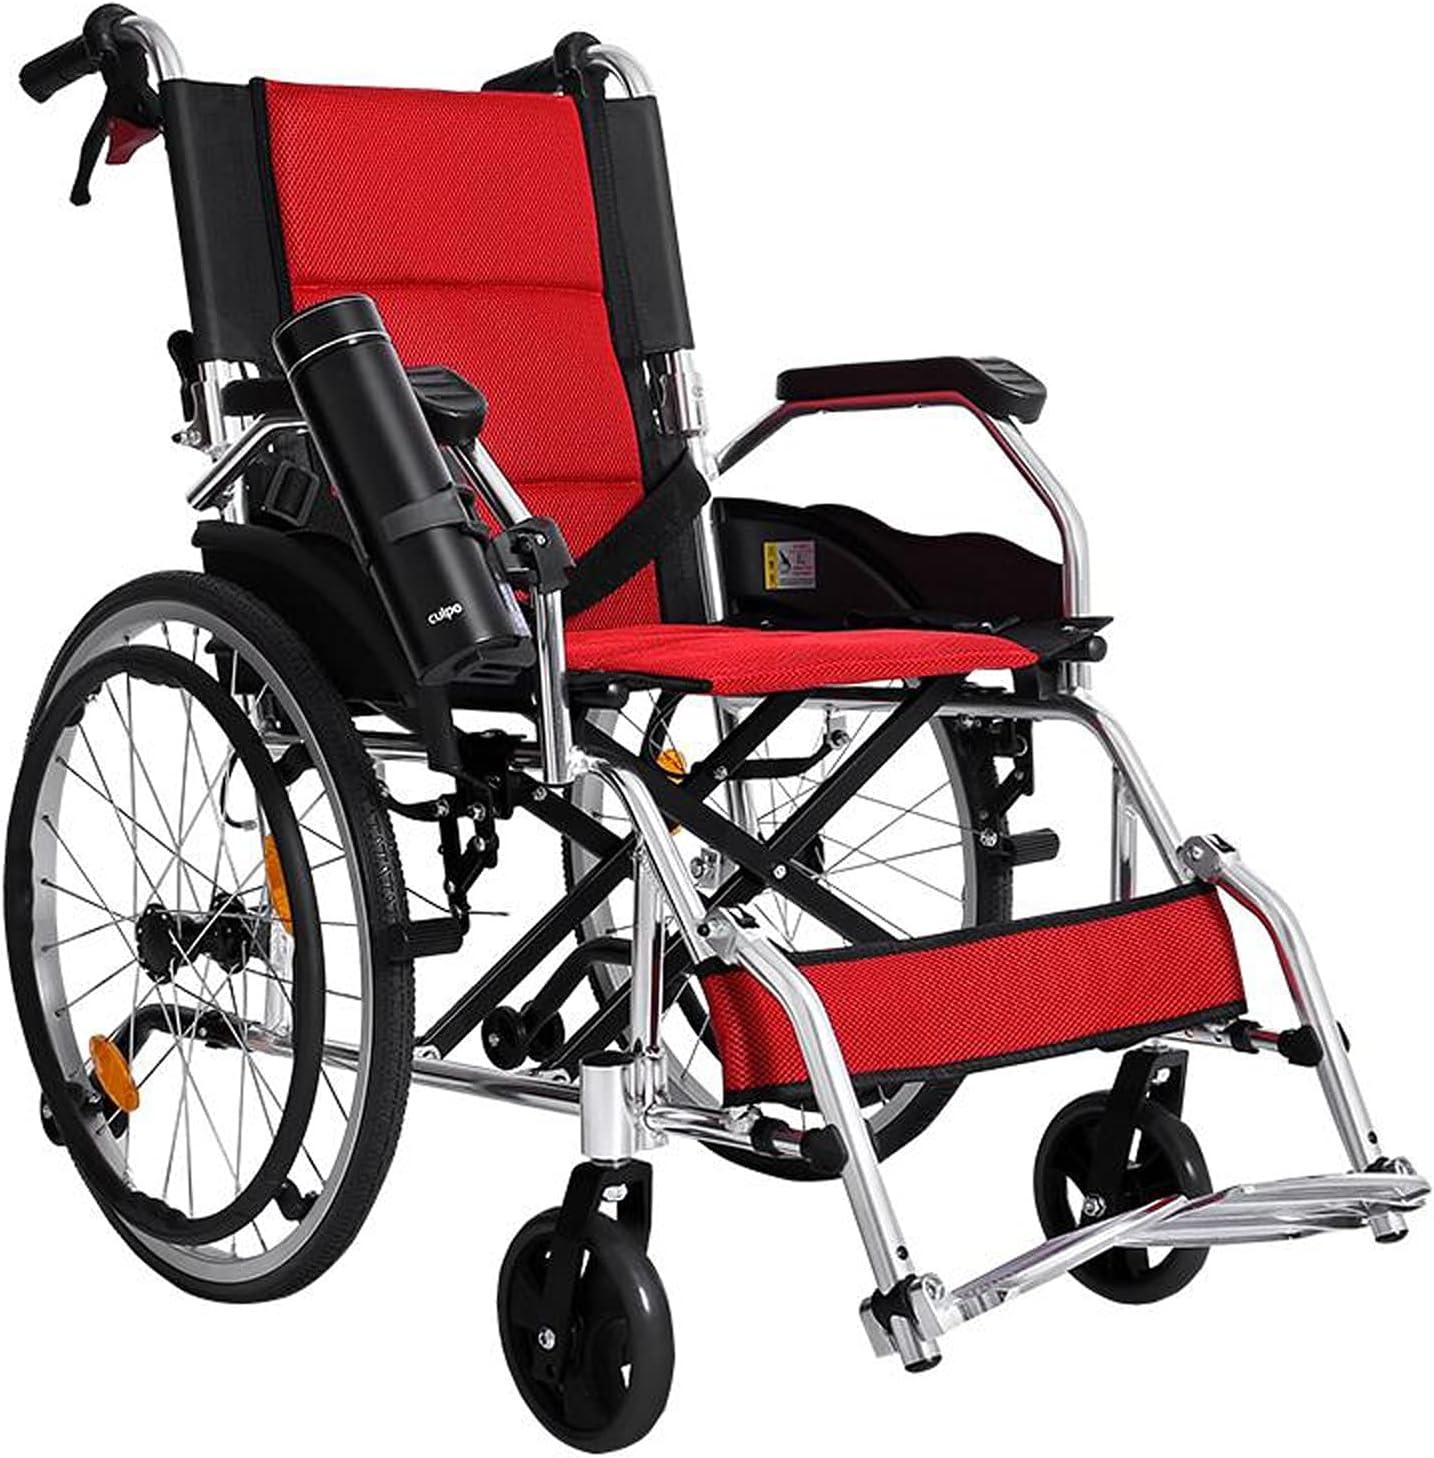 Silla de ruedas ultraligera Silla de ruedas plegables ligeras con 18 '' asiento acolchado de respaldo ergonómico Transporte silla de ruedas con freno de mano y reposapiés, 220 LB Capacidad de peso Sil